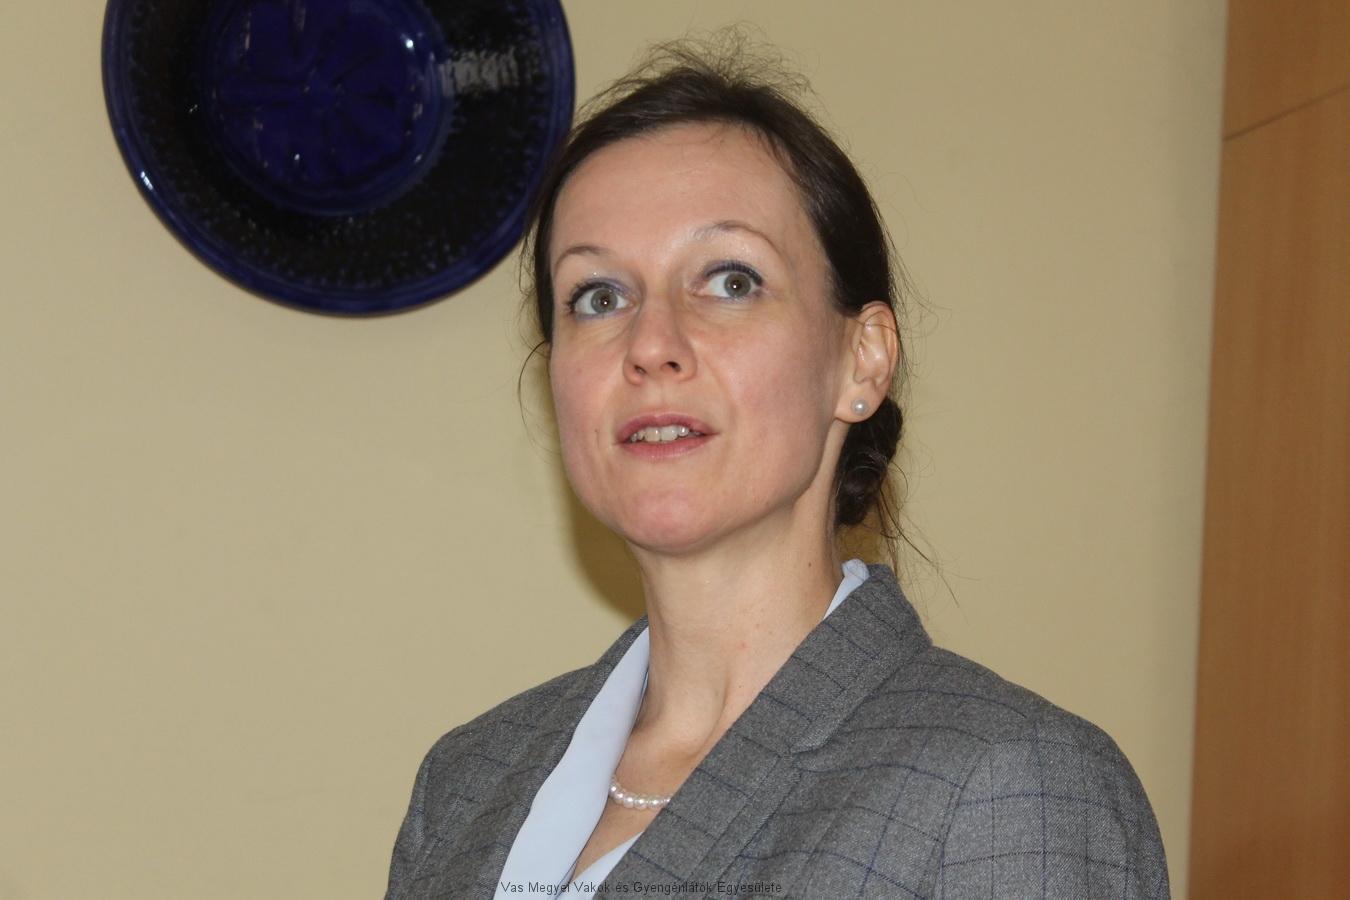 Dr. Kovács Marianna szemorvos tartja előadását.